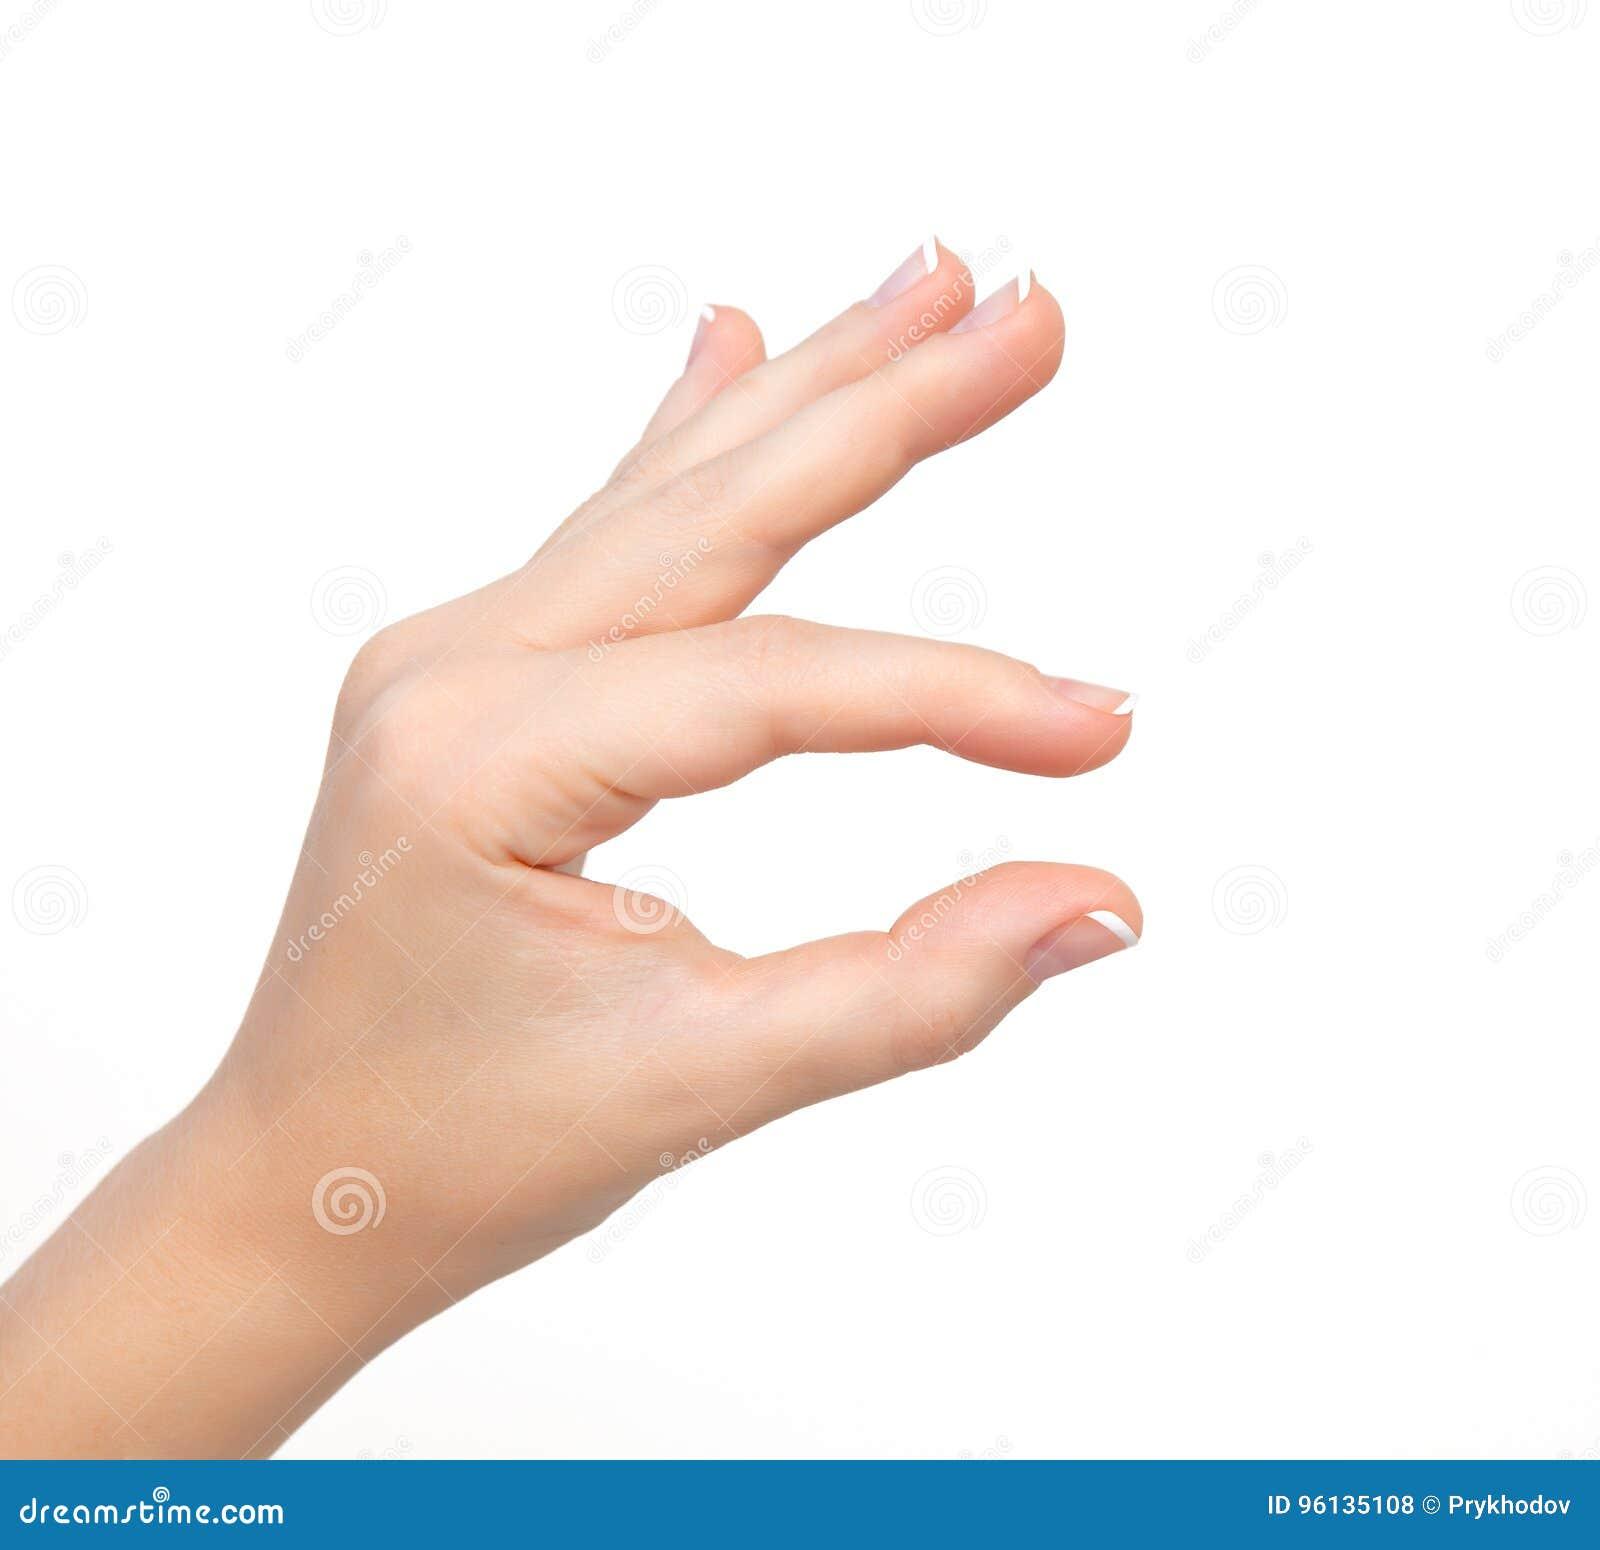 Изолированные выставки руки женщины сжимают для того чтобы просигналить или держащ объект